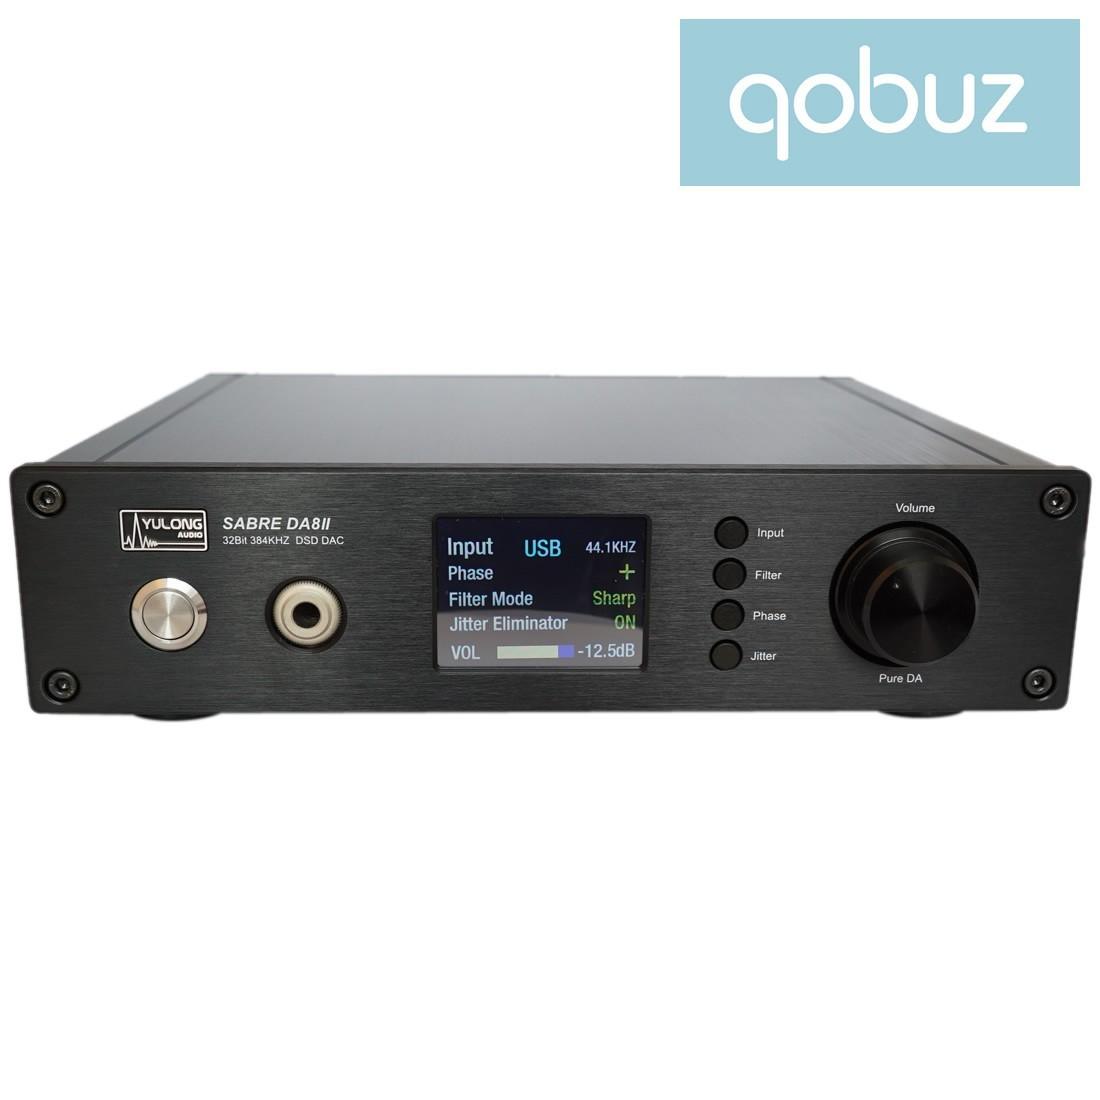 Yulong Audio SABRE DA8 II 2 DSD DAC 32bit/384kHz Class A Noir